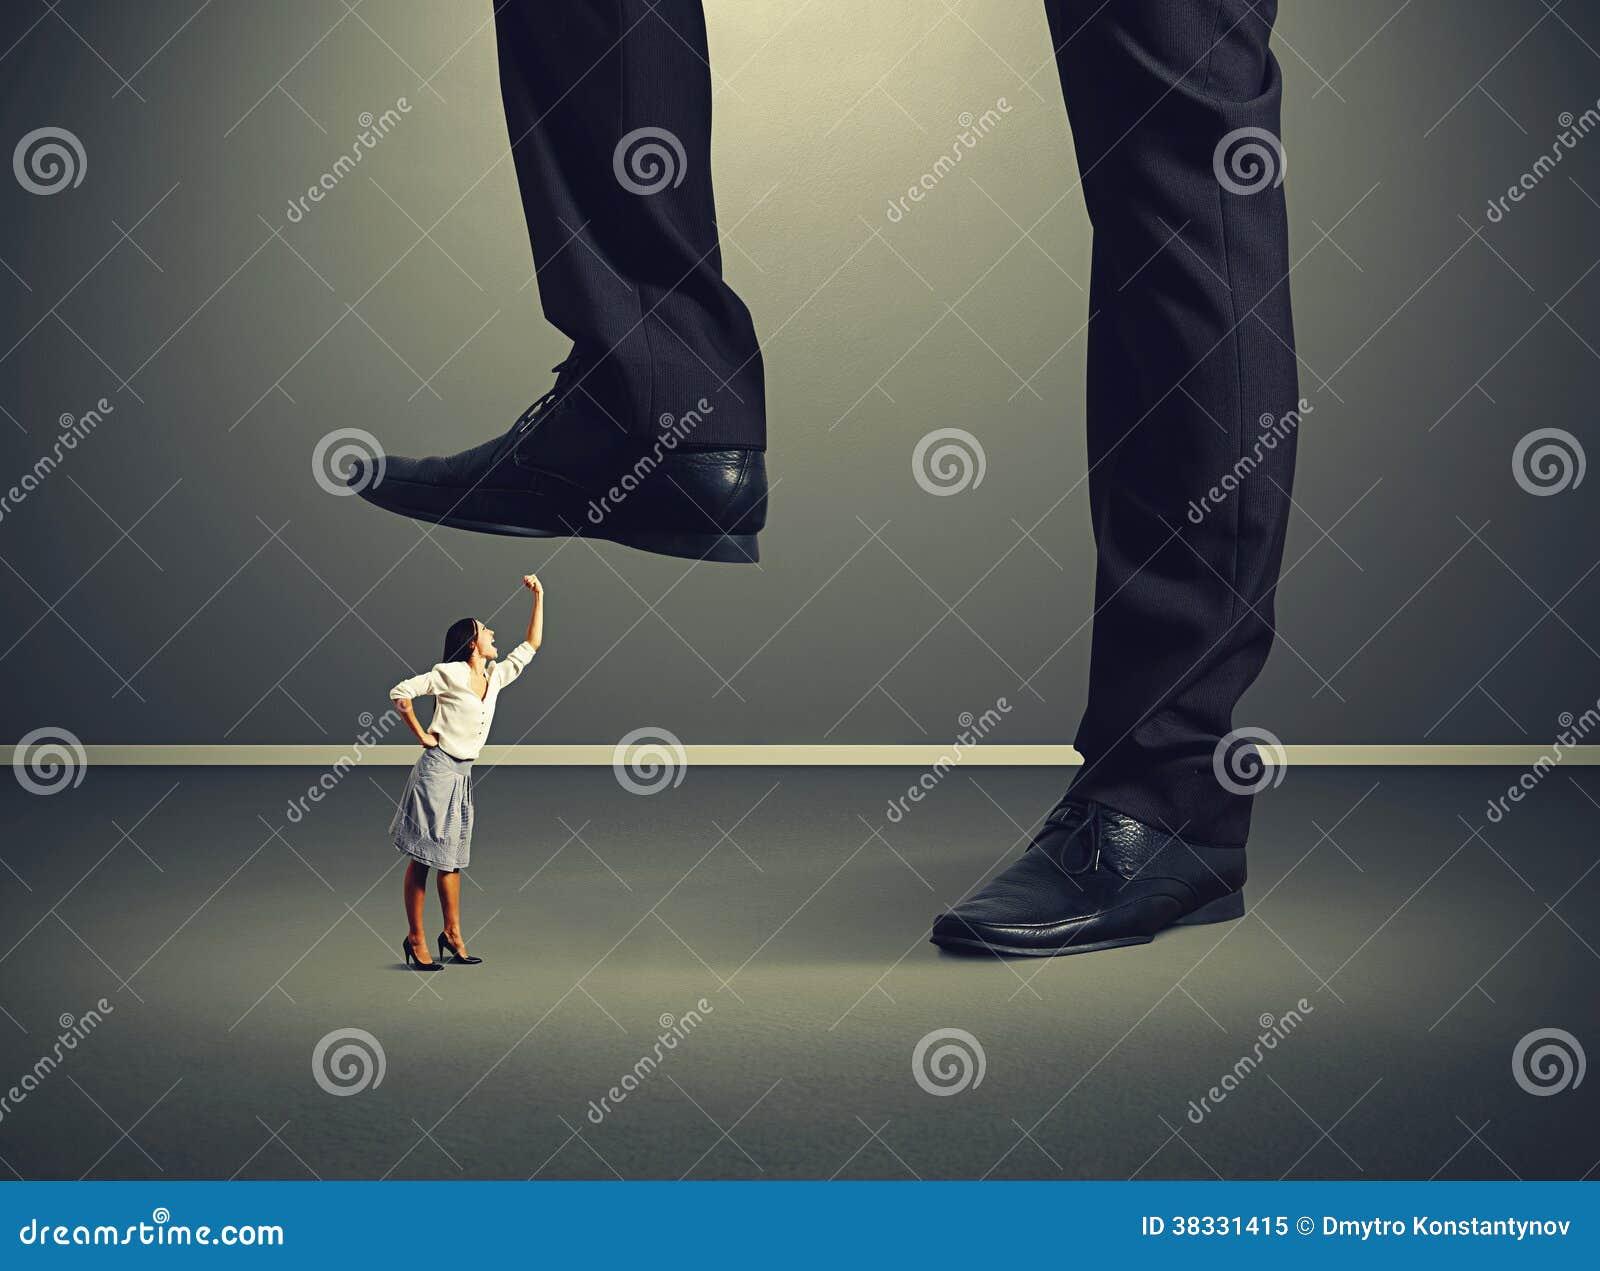 Woman looking up and screaming at big boss